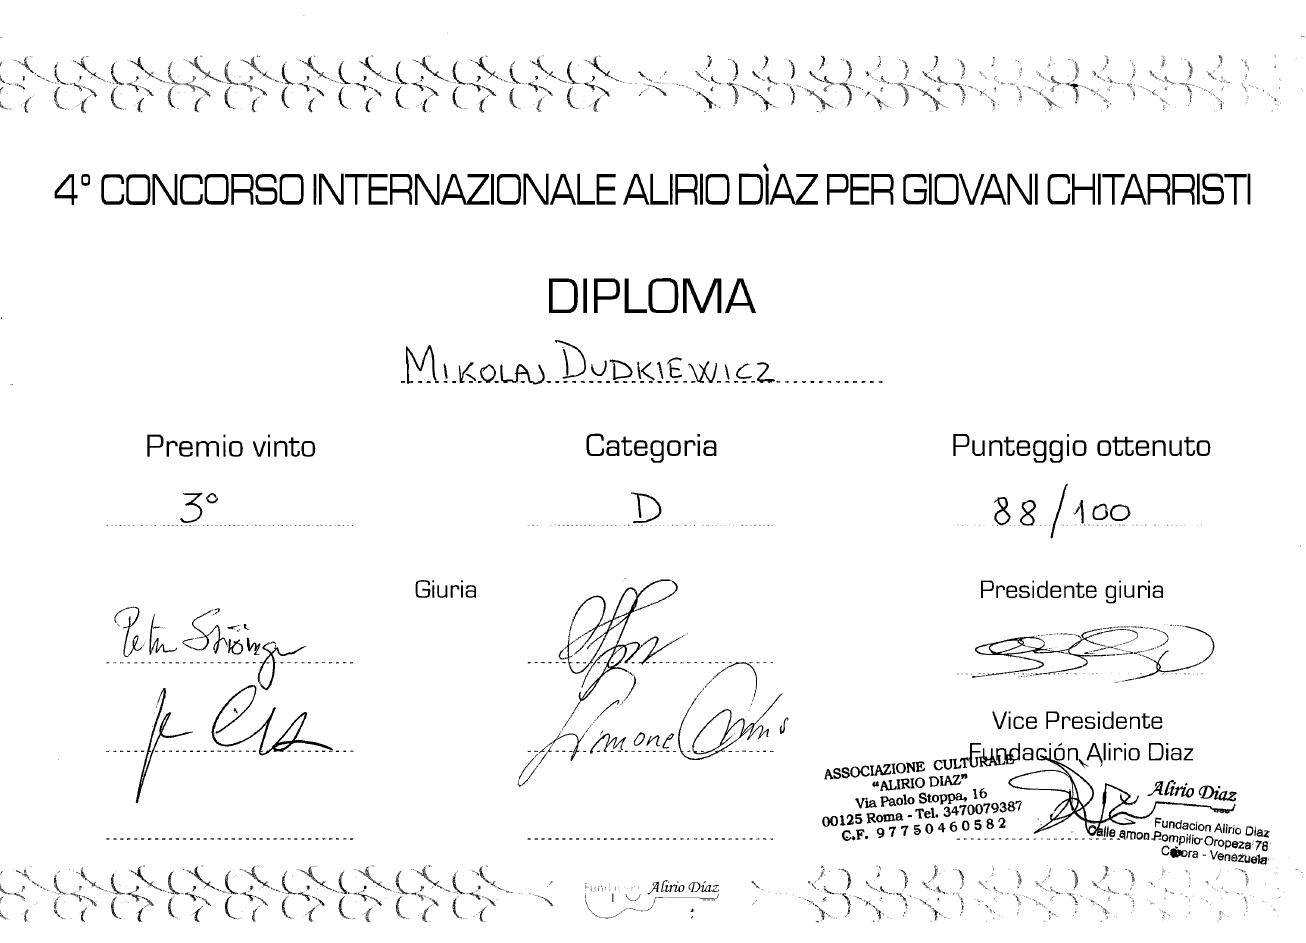 Dyplom Dudkiewicz_2015